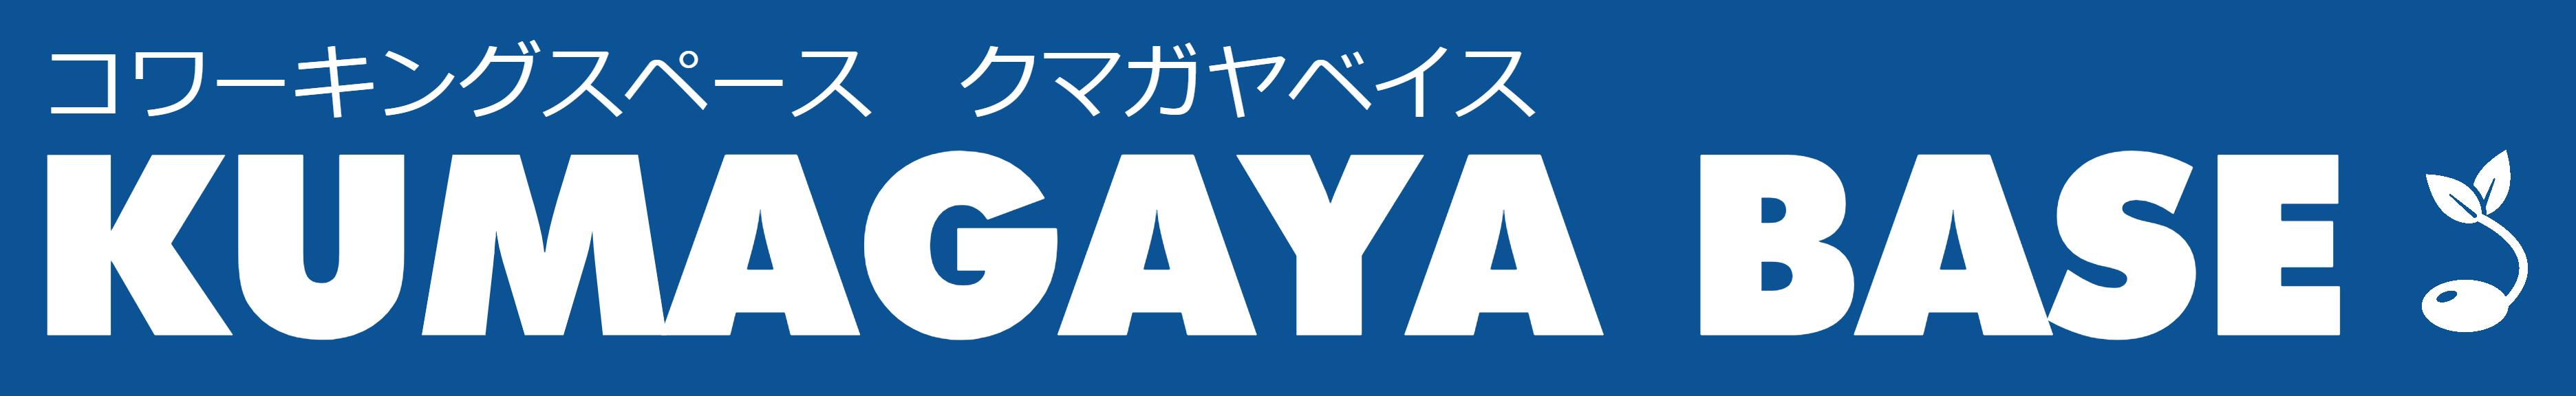 KUMAGAYA BASE(クマガヤベイス)